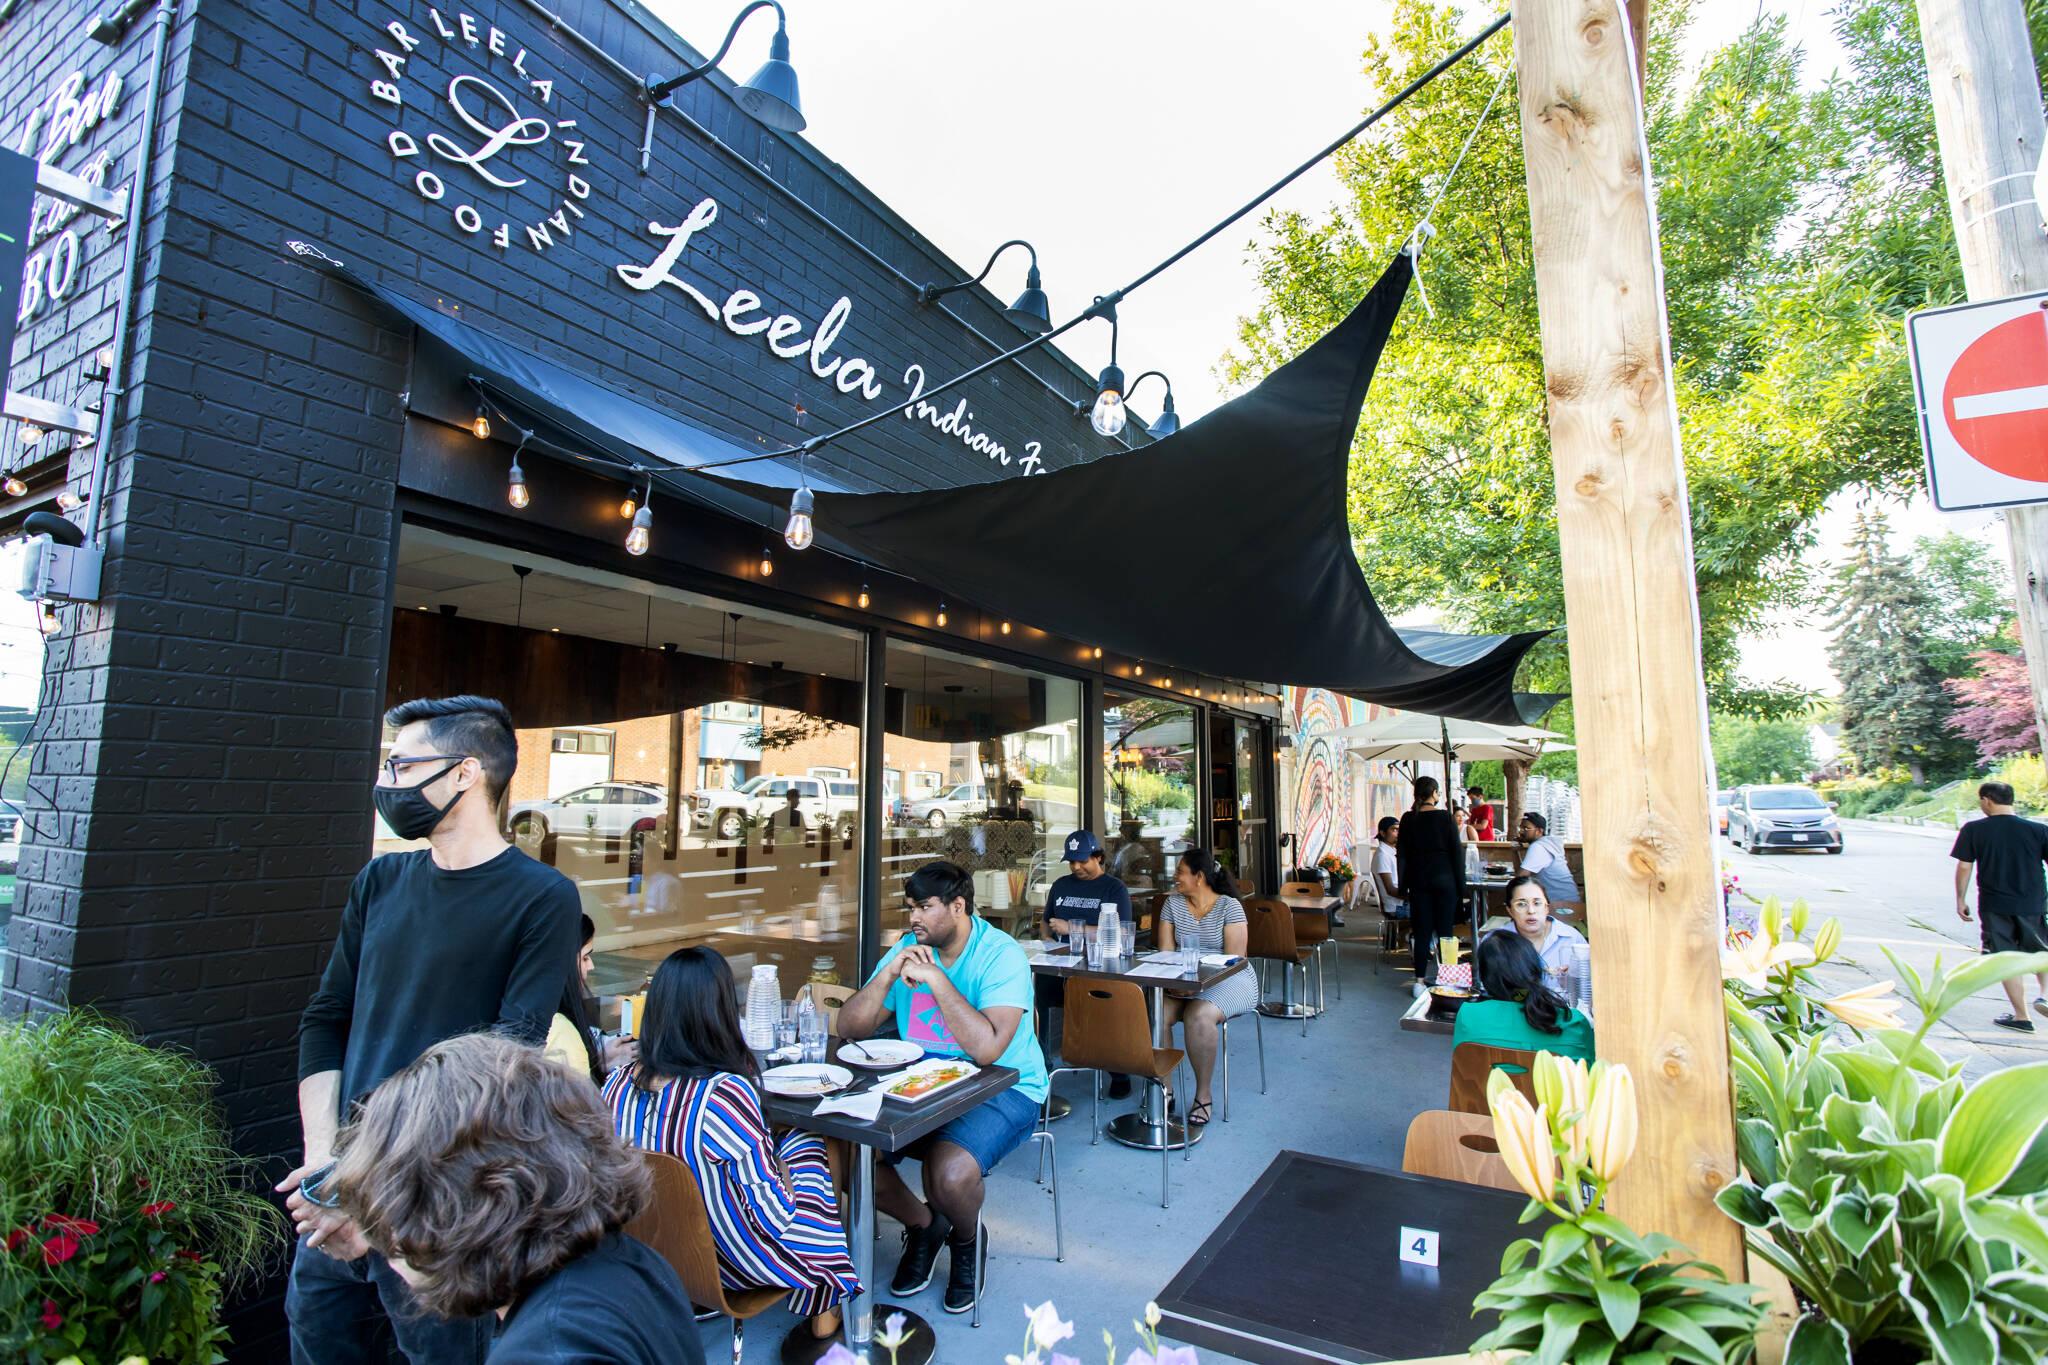 Leela Indian Food Bar Toronto